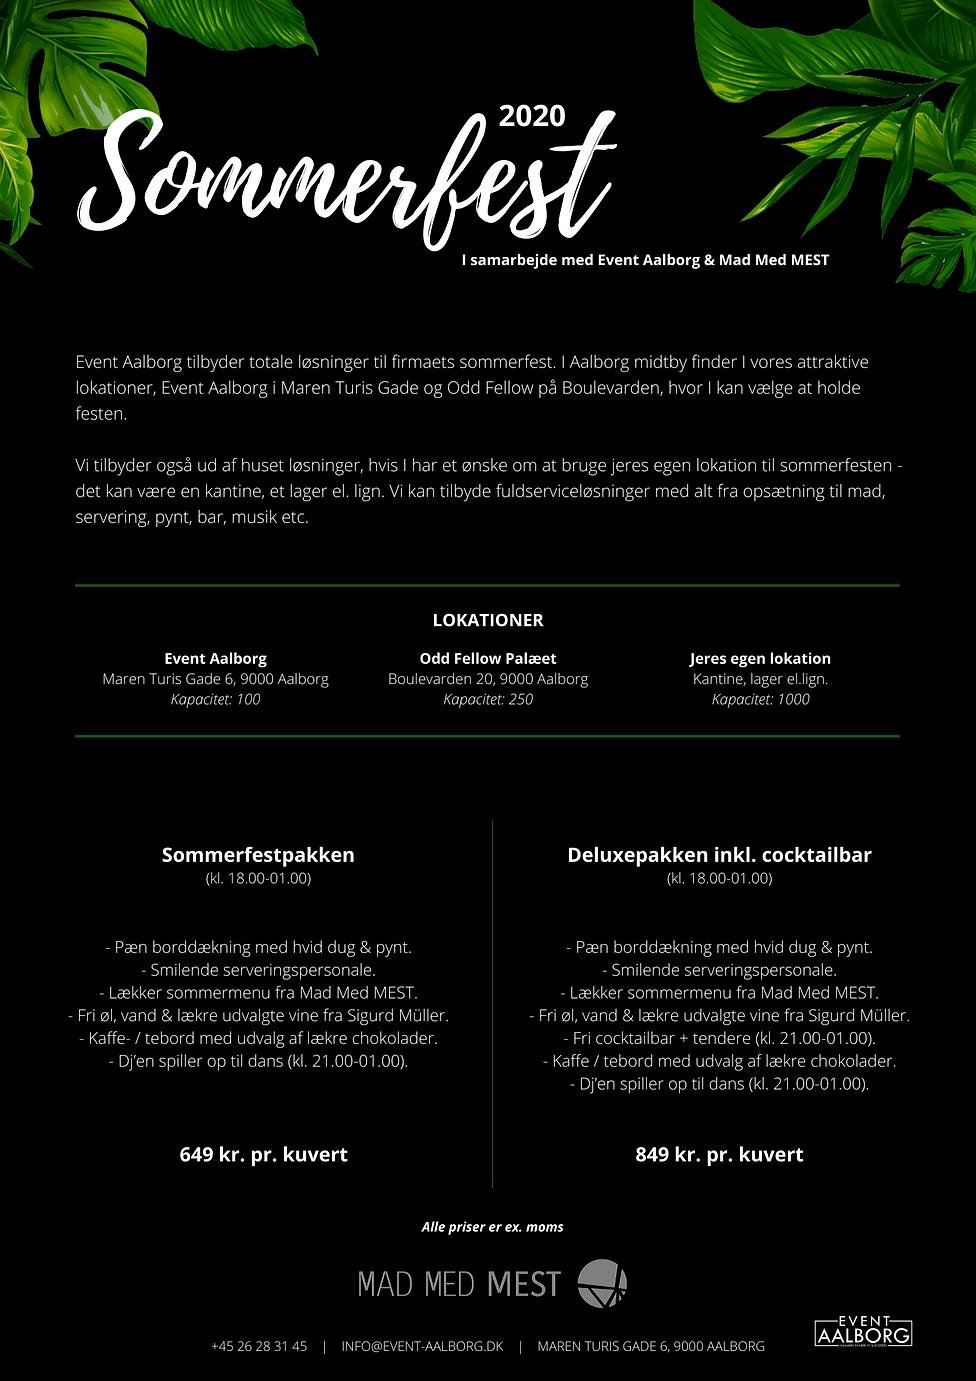 Event Aalborg - Sommerfest 2020, side 1.